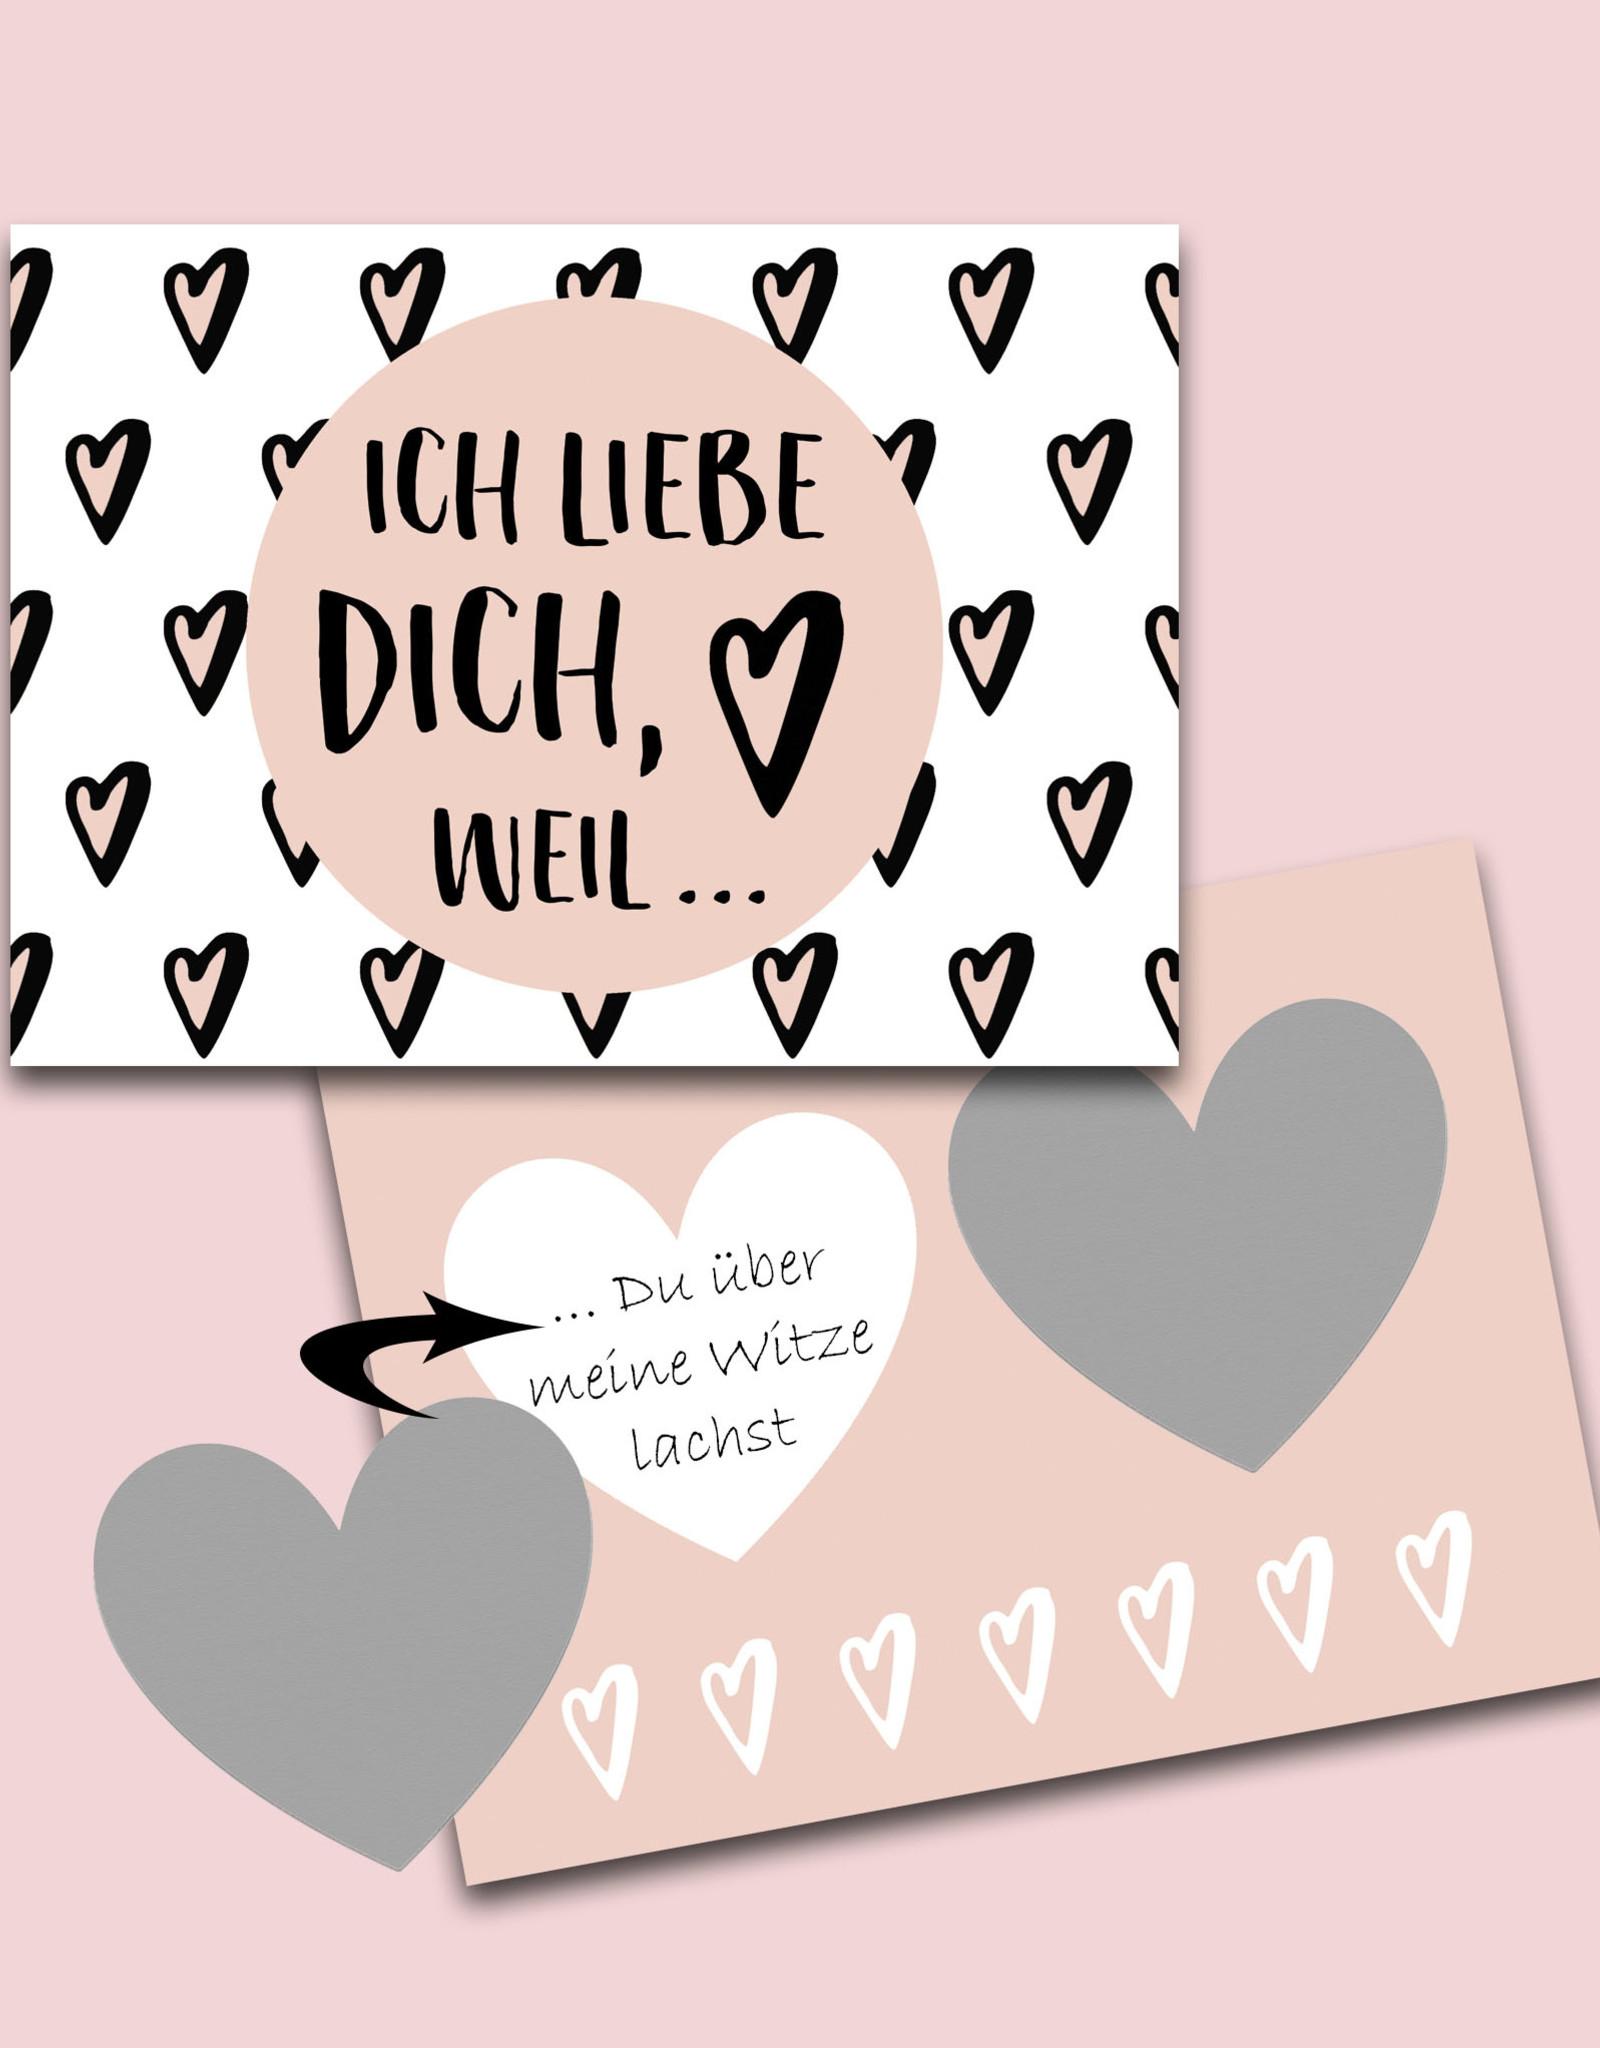 Valentinskarte mit Umschlag Ich liebe Dich, Rubbelkarte zum Valentinstag Postkarte Liebe Ich liebe Dich Karte zum Rubbeln